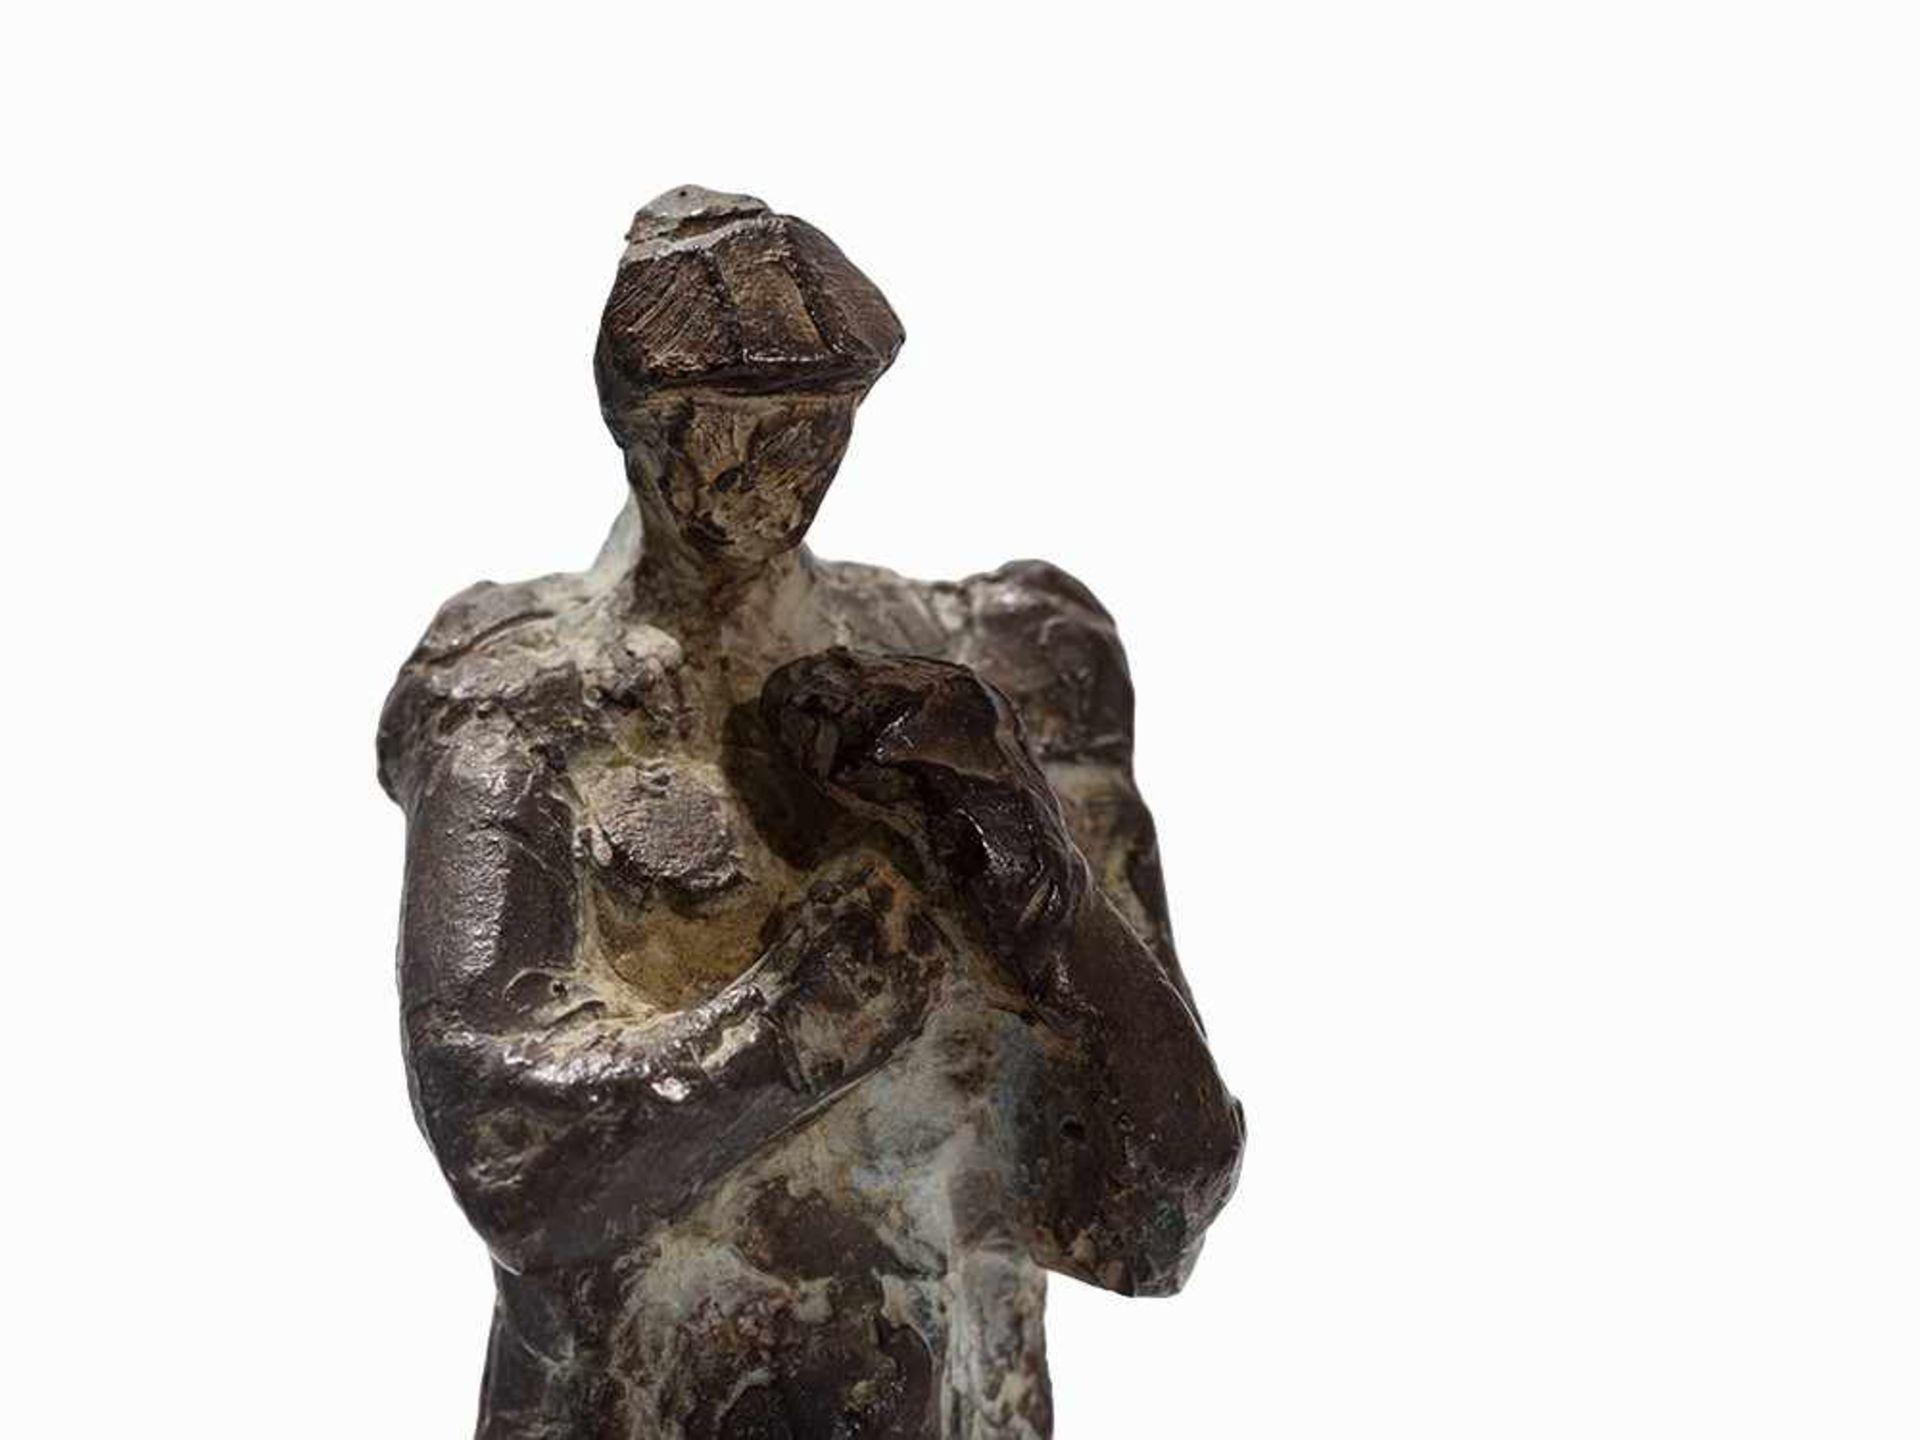 Los 93 - Berndt Wilde (geb. 1946), Schatten, Bronzefigur, 2004 Bronze, schwarz patiniert. Deutschland,